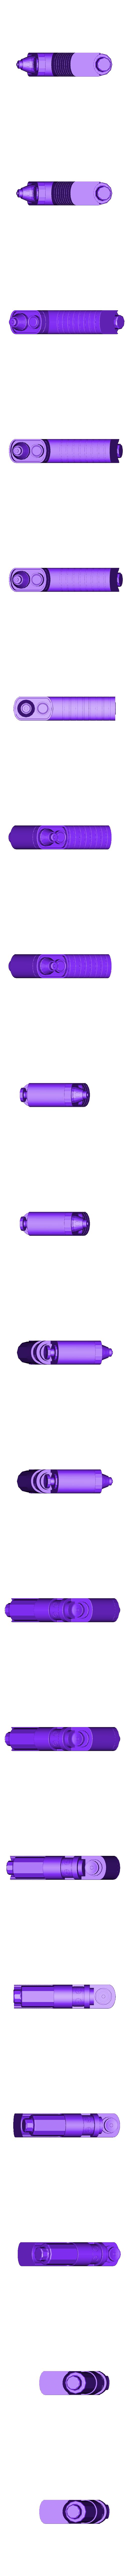 Star Trek Discovery Hypo Spray_obj.obj Download OBJ file Star Trek Discovery Hypo Spray replica prop cosplay • 3D printable model, Blackeveryday